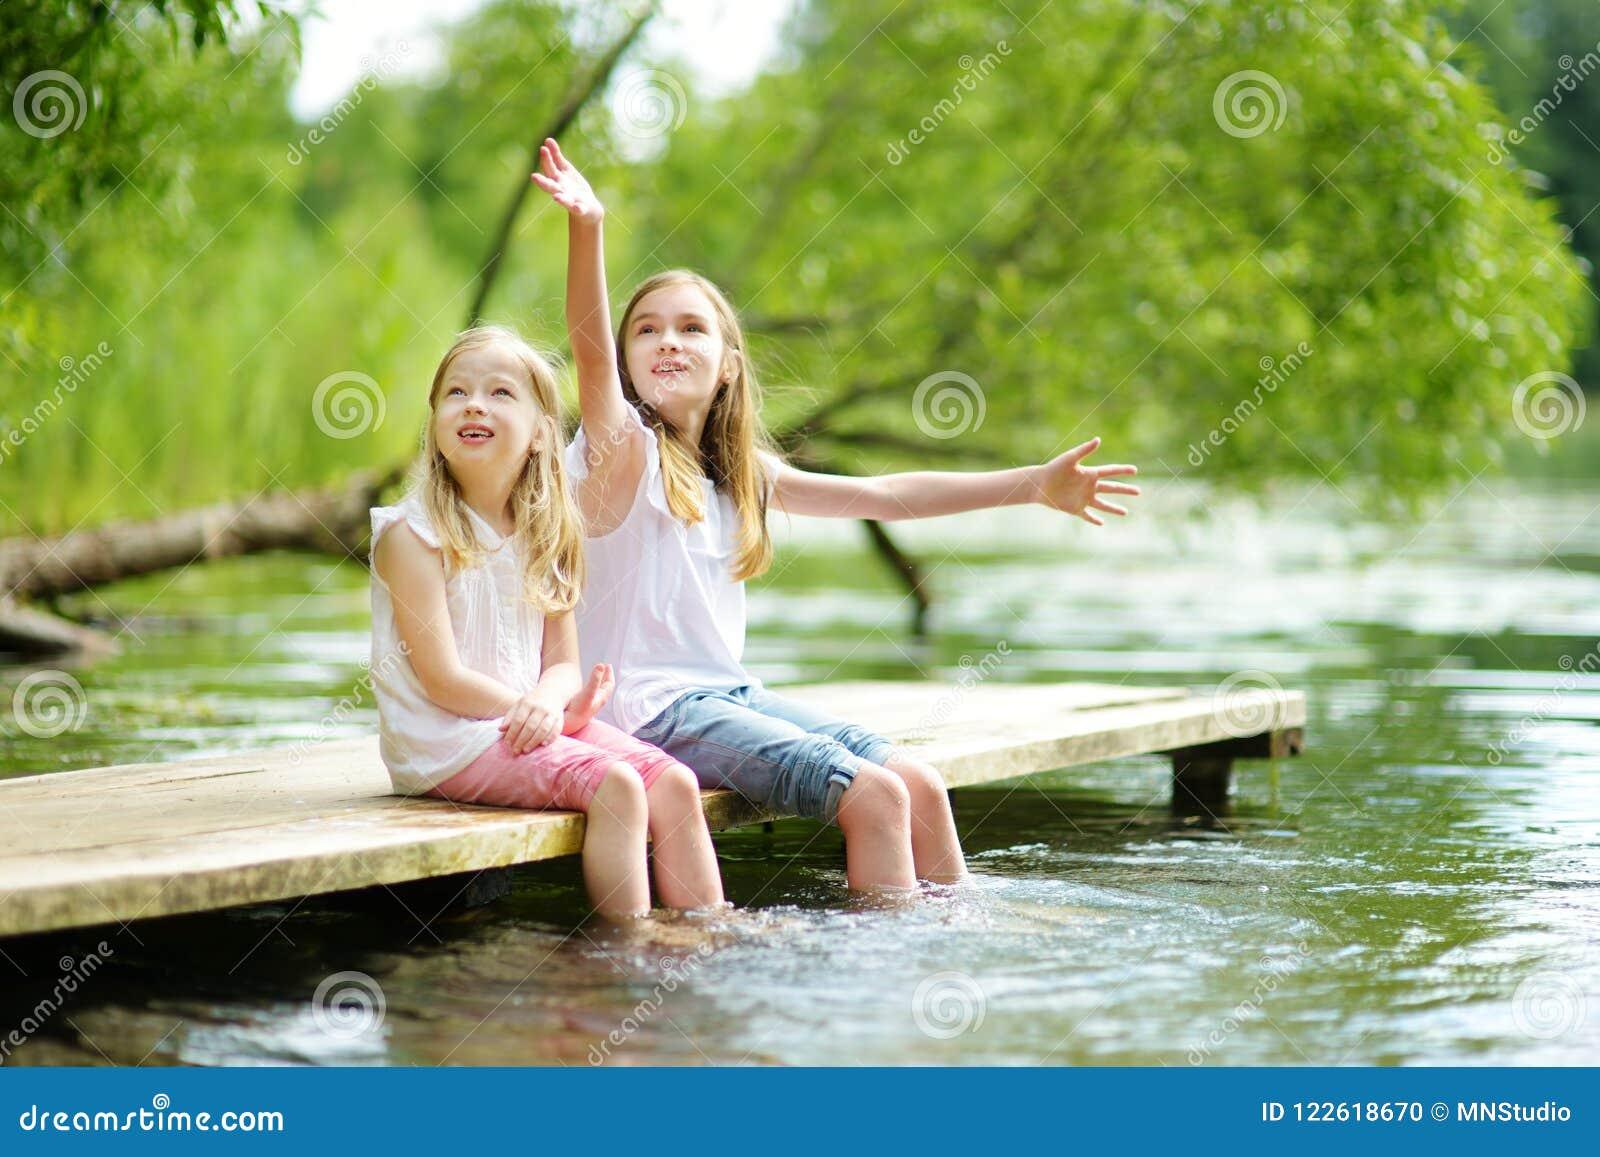 两个逗人喜爱的小女孩坐一个木平台由河或湖在水中的浸洗他们的脚在温暖的夏日